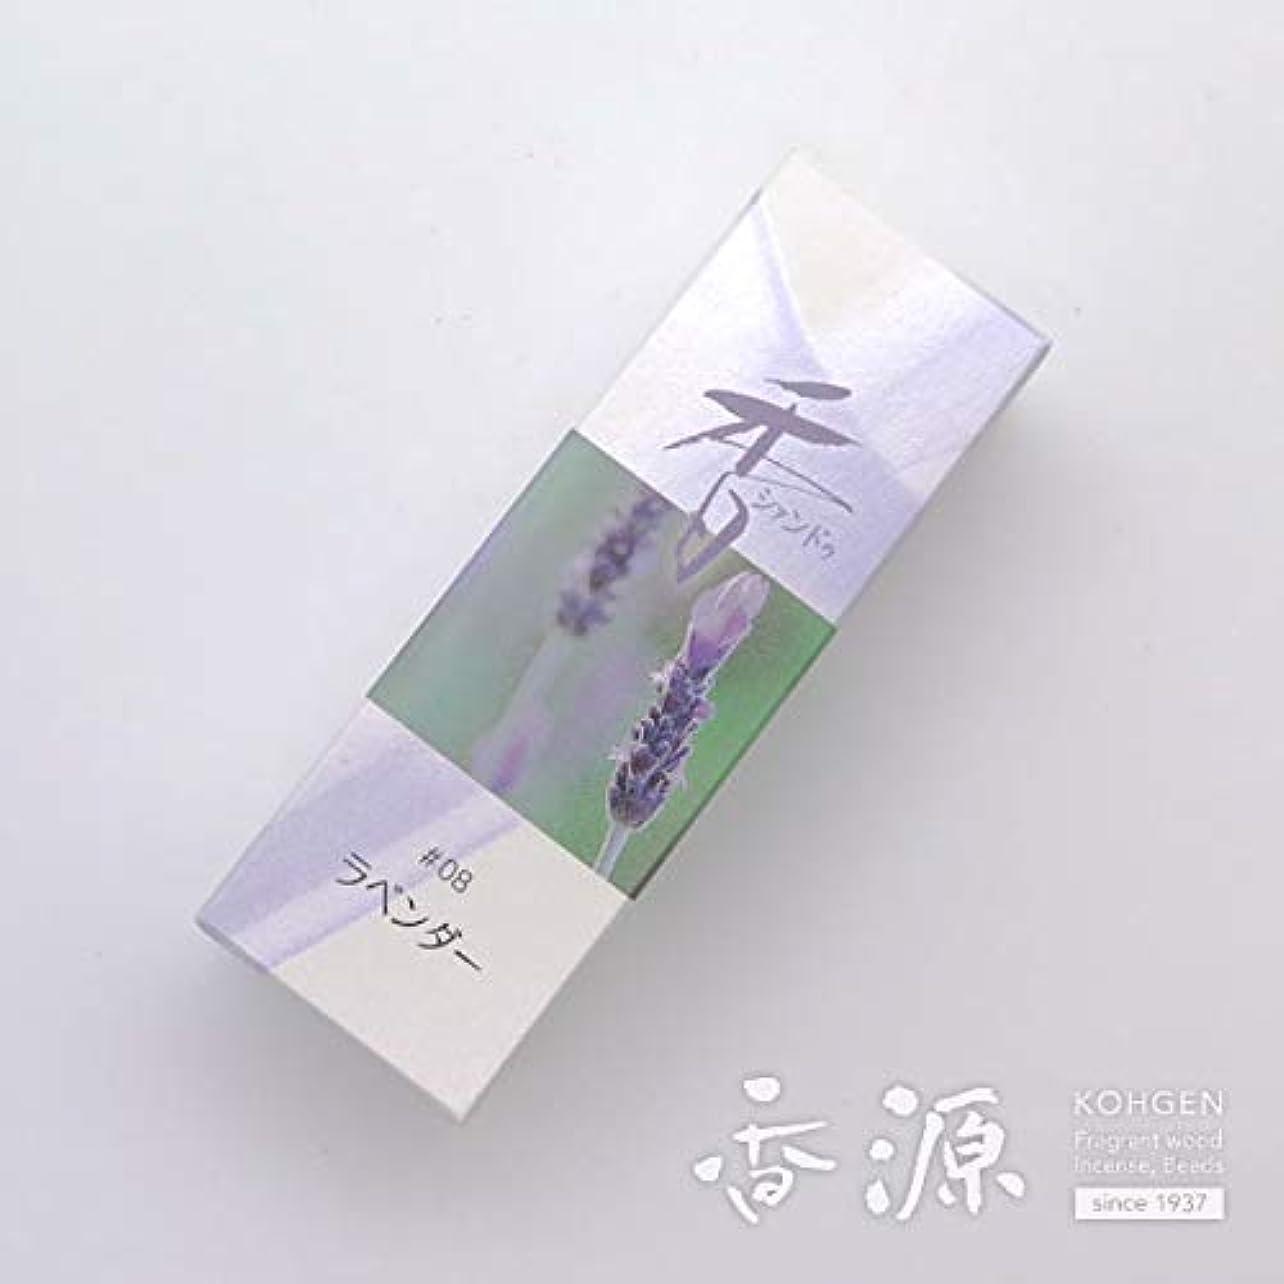 やる差別ガウン松栄堂のお香 Xiang Do ラベンダー ST20本入 簡易香立付 #214208